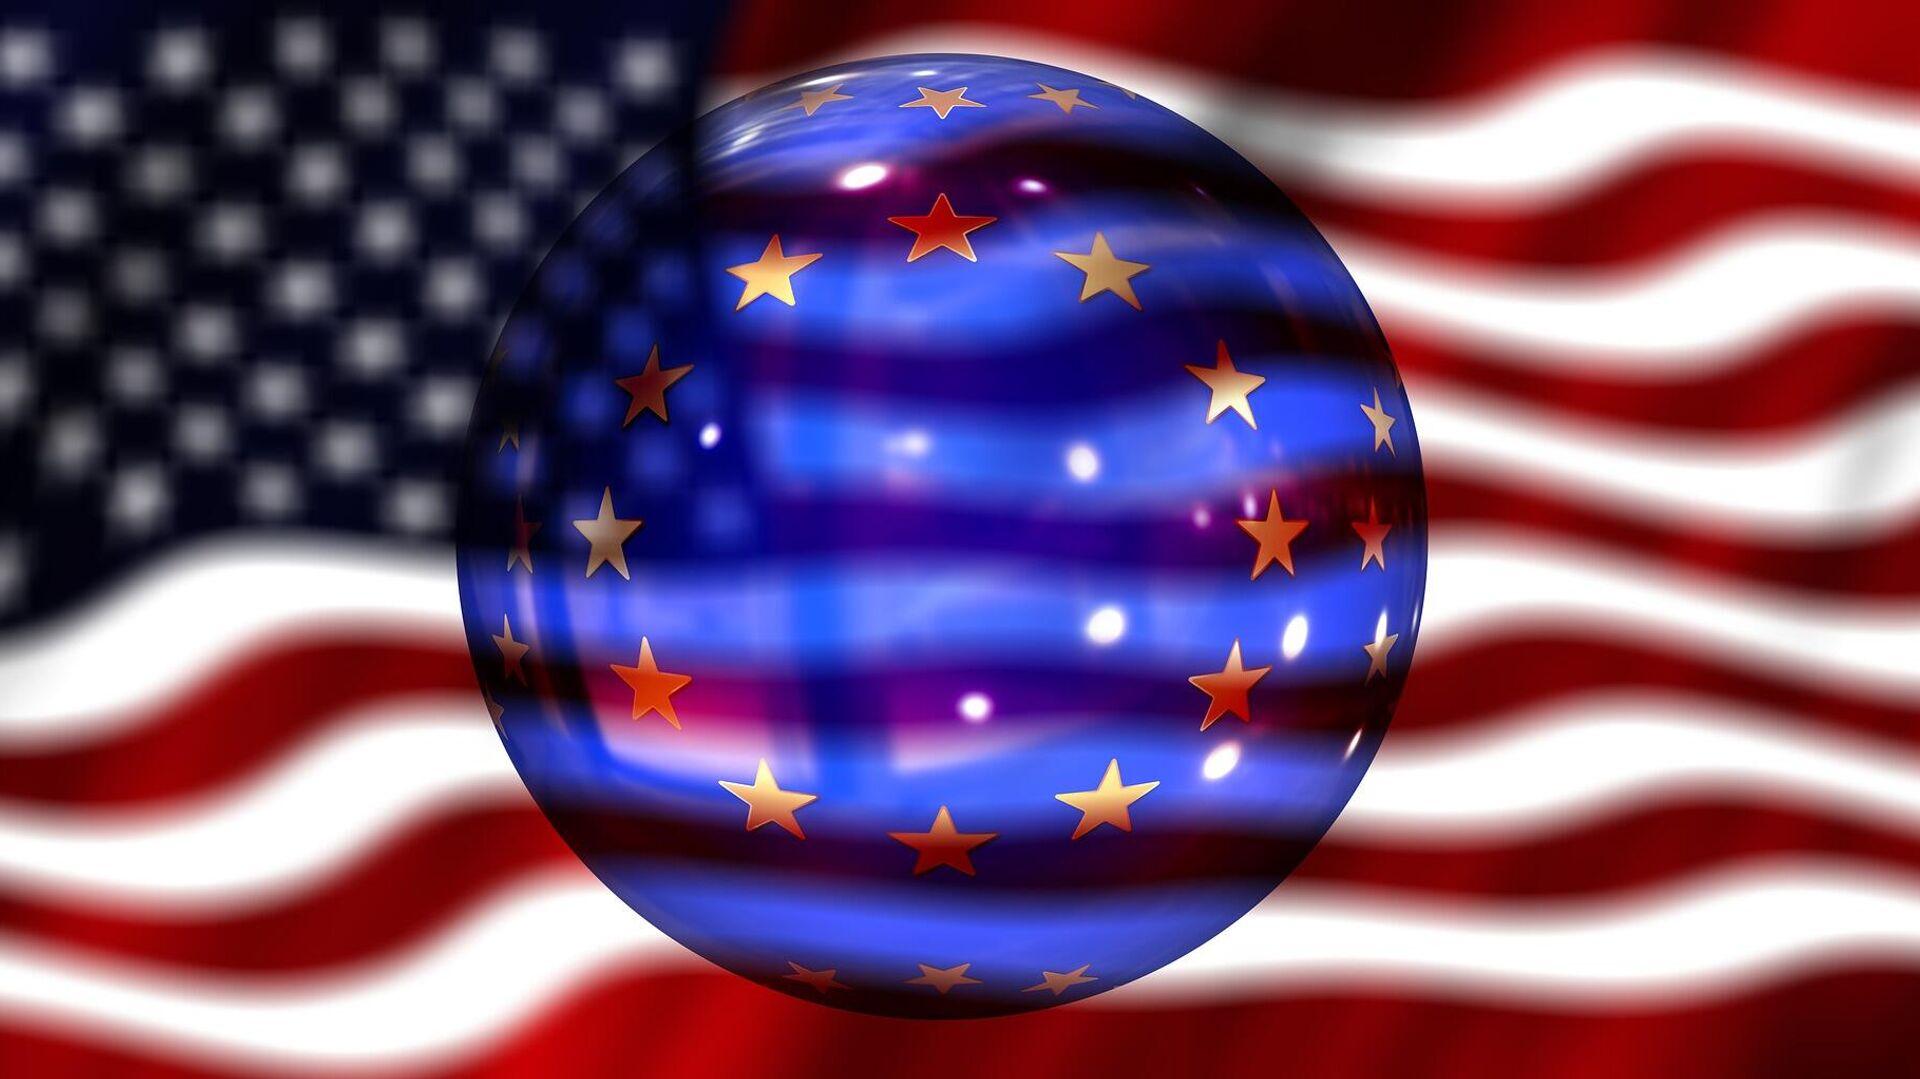 USA-EU (Symbolbild) - SNA, 1920, 19.07.2021